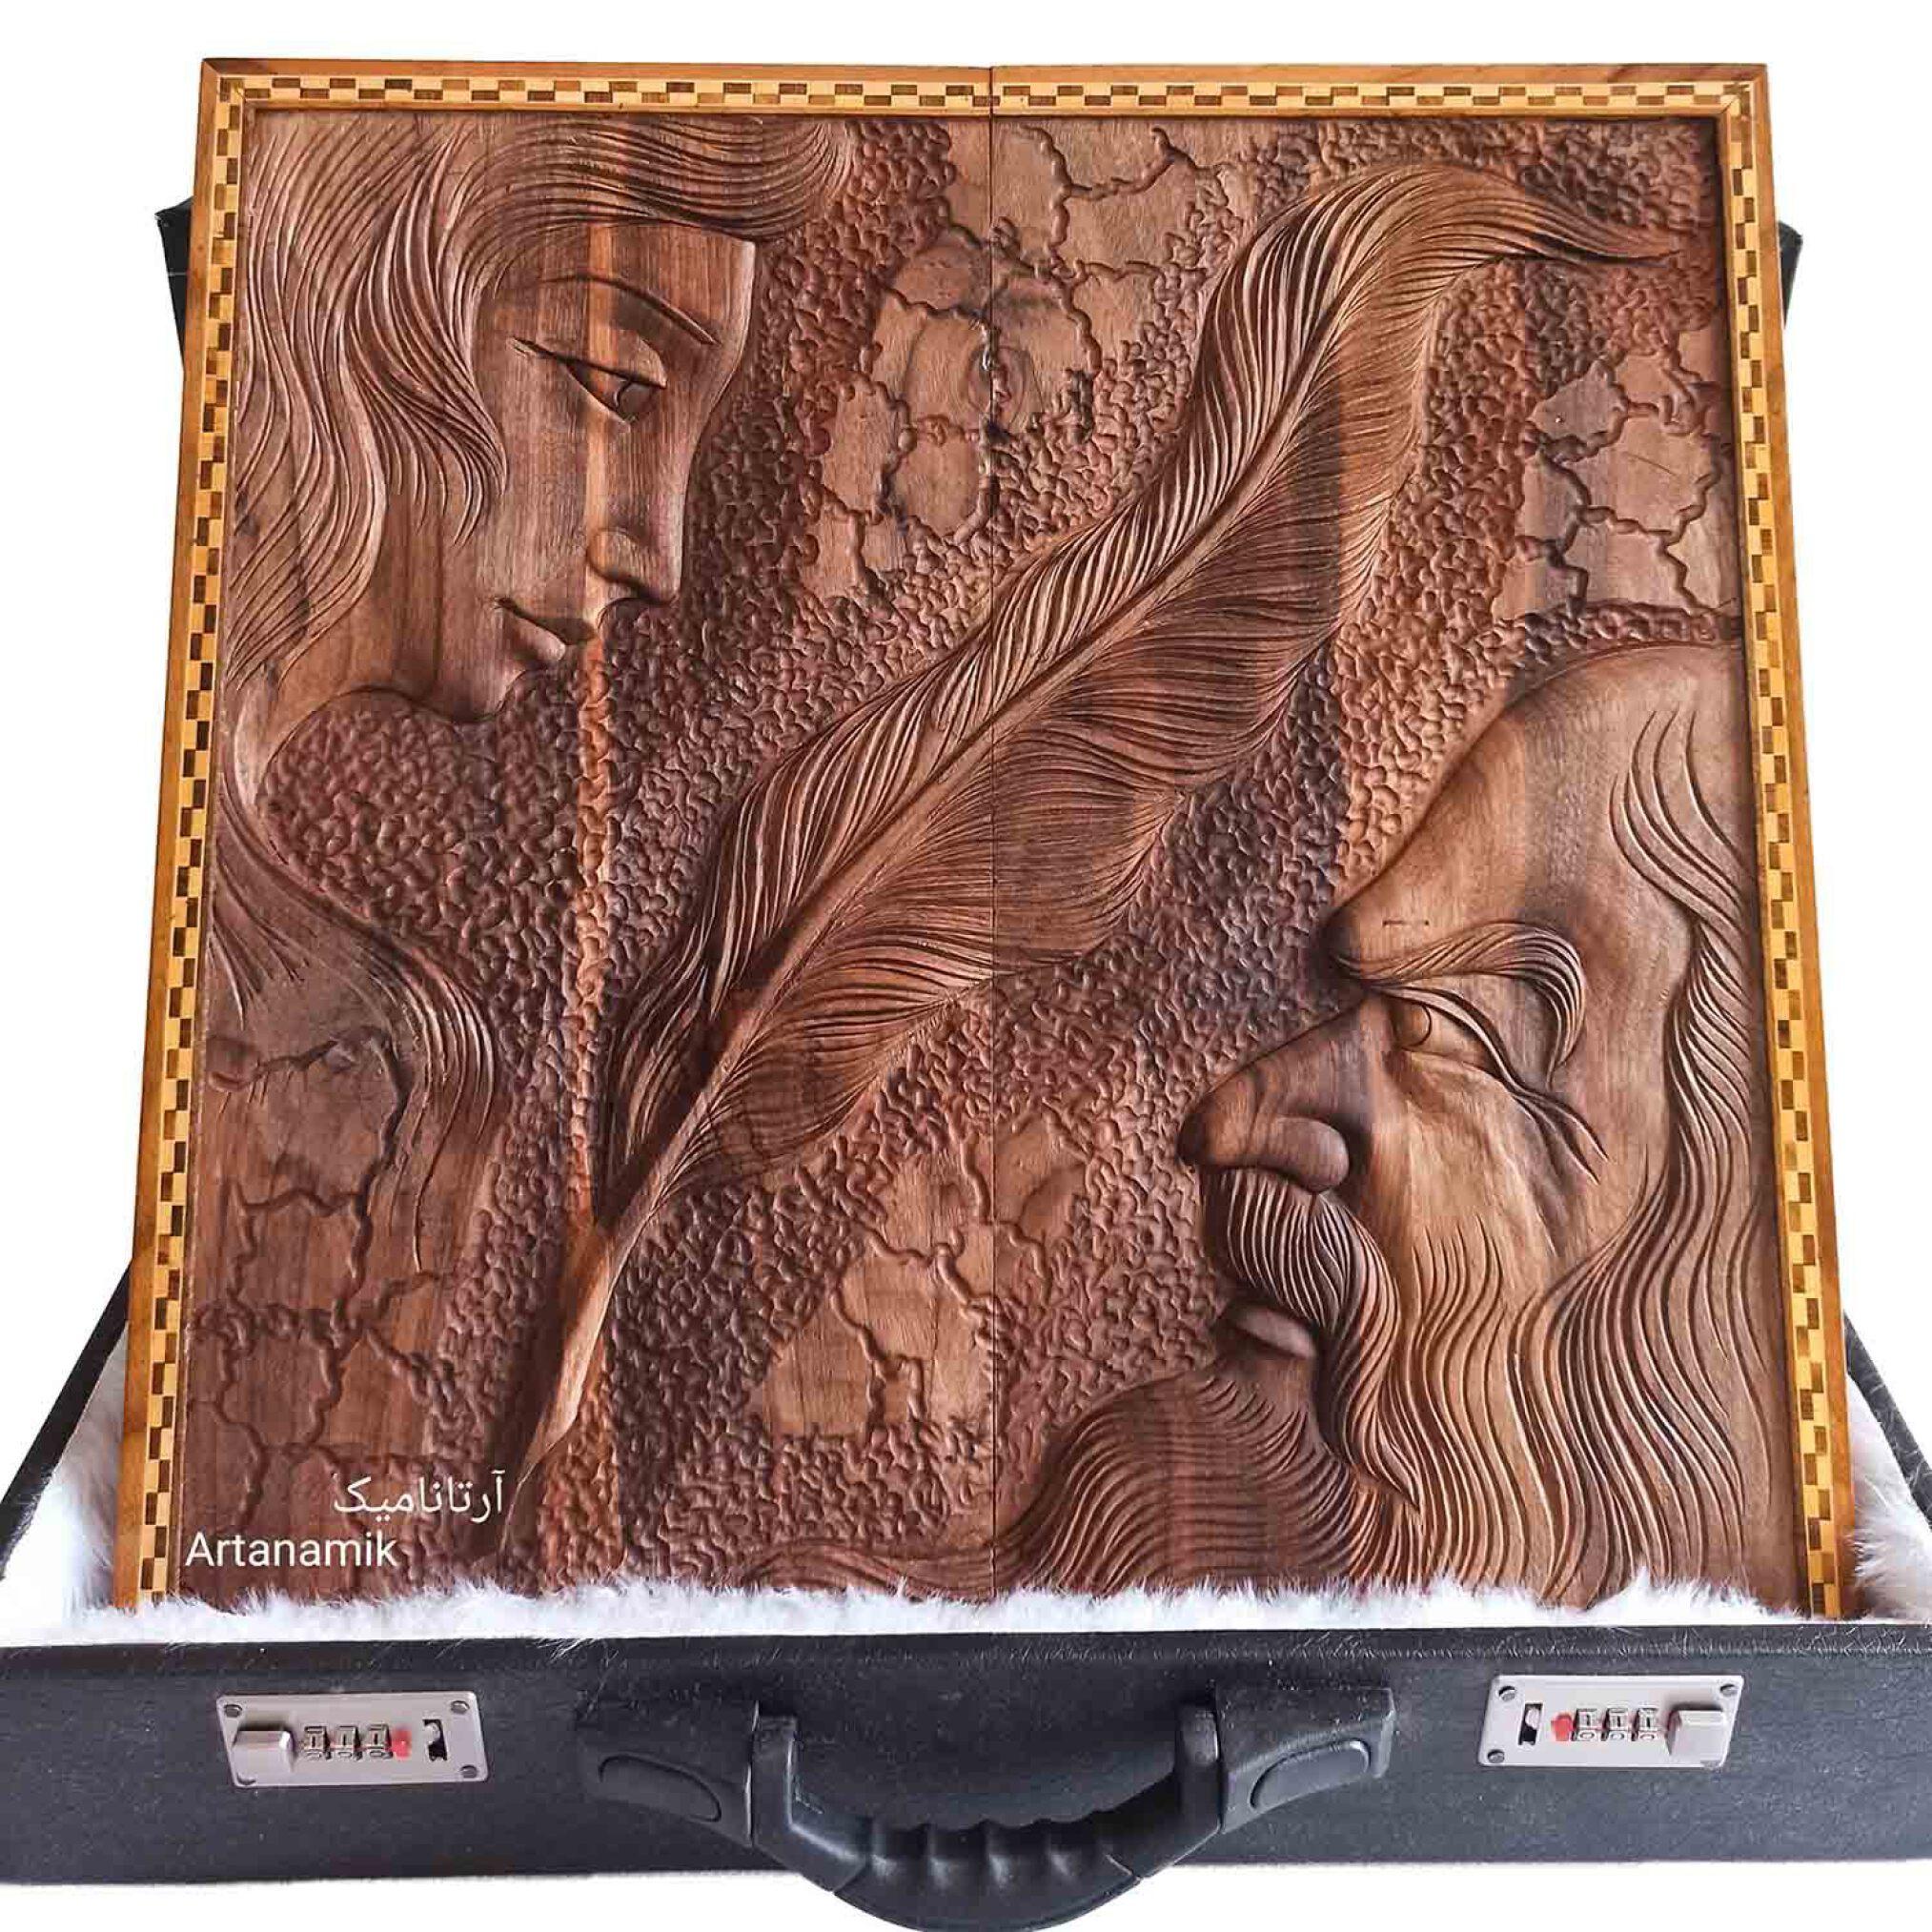 تخته نرد منبت کاری طرح شاعر و معشوق، تخته نرد کادویی و تخته نرد نفیس روی چوب گردو